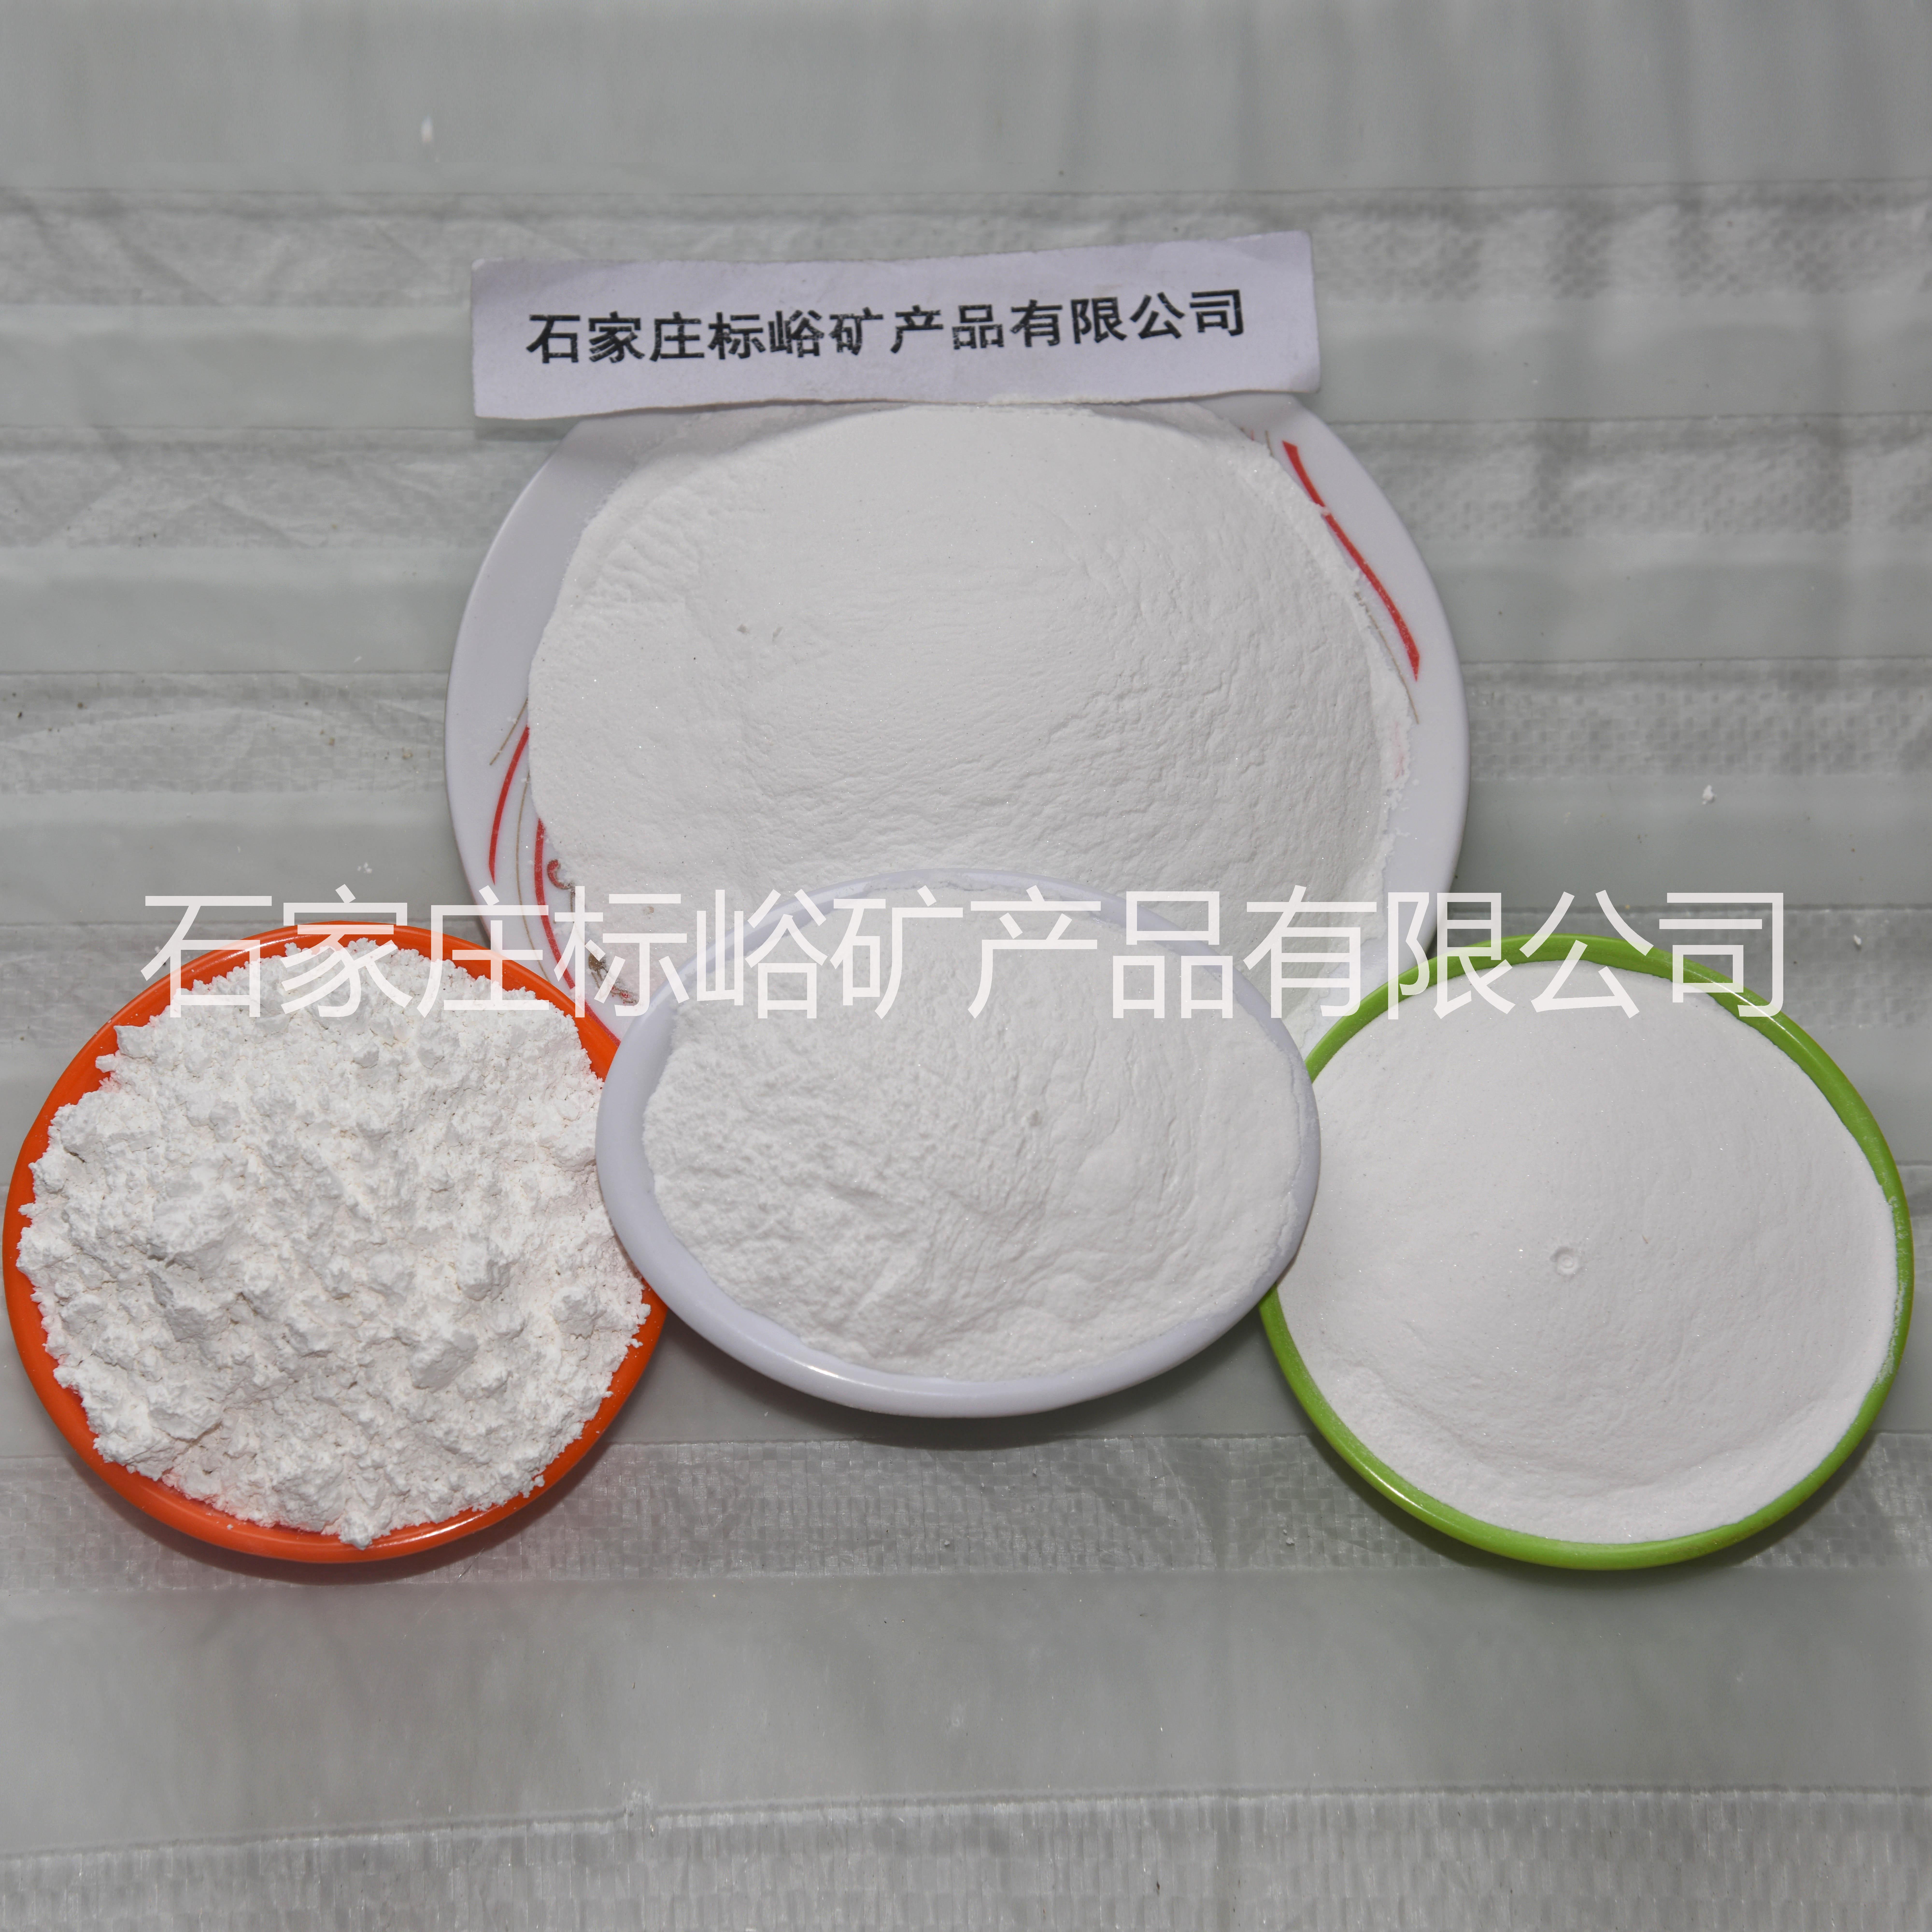 现货供应轻质碳酸钙600目 涂料用优质轻钙量大从优 轻质碳酸钙 600目钙粉